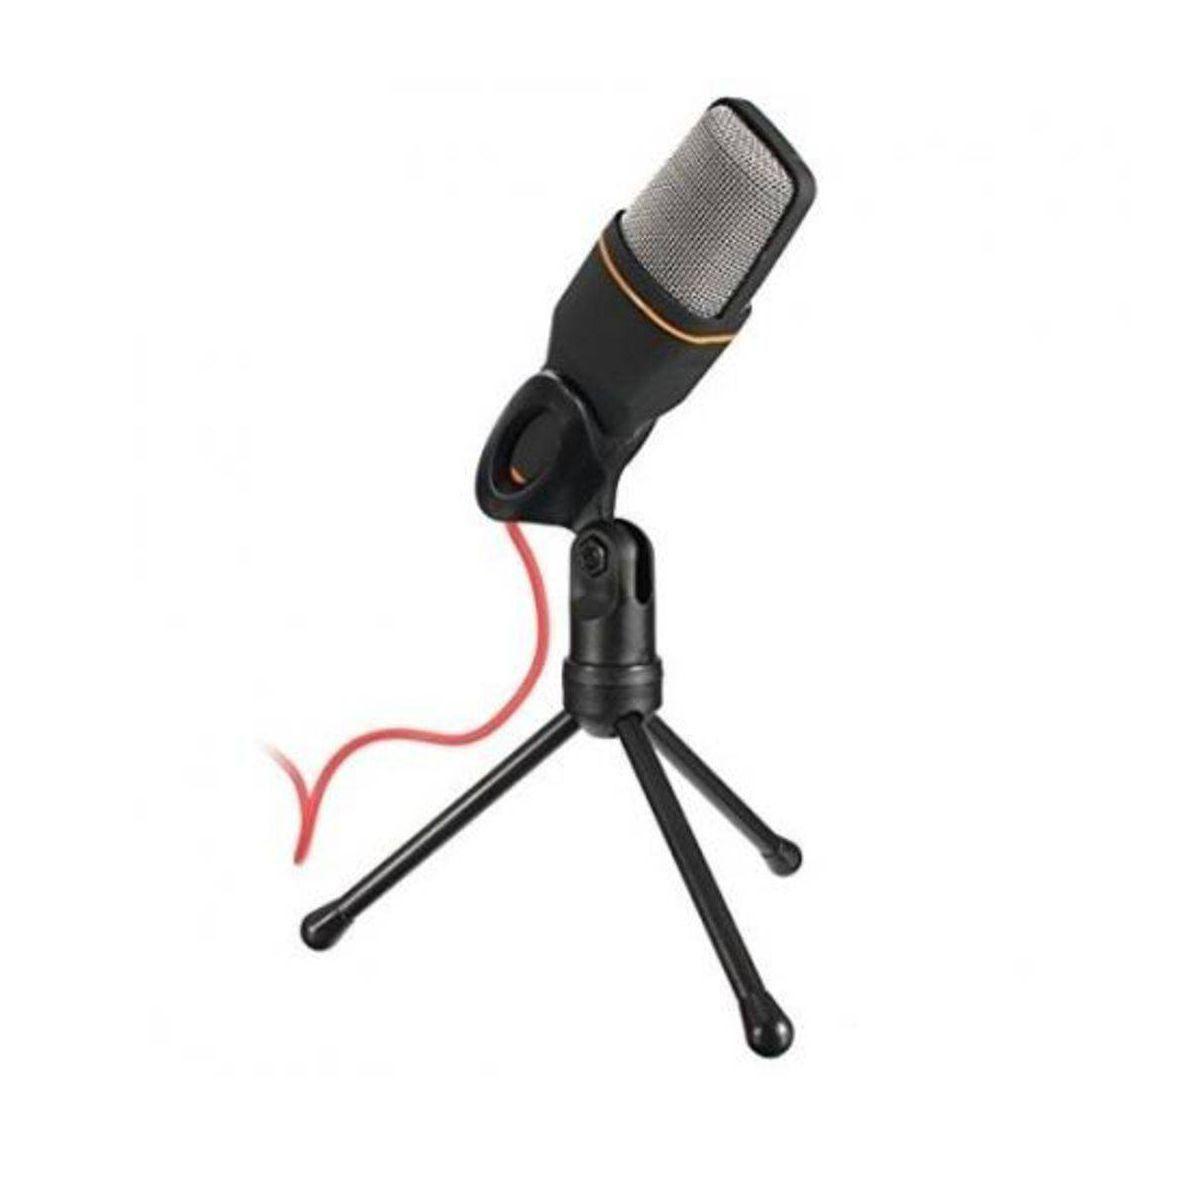 Microfone Condensador Studio Gravação Youtuber Knup KP-917